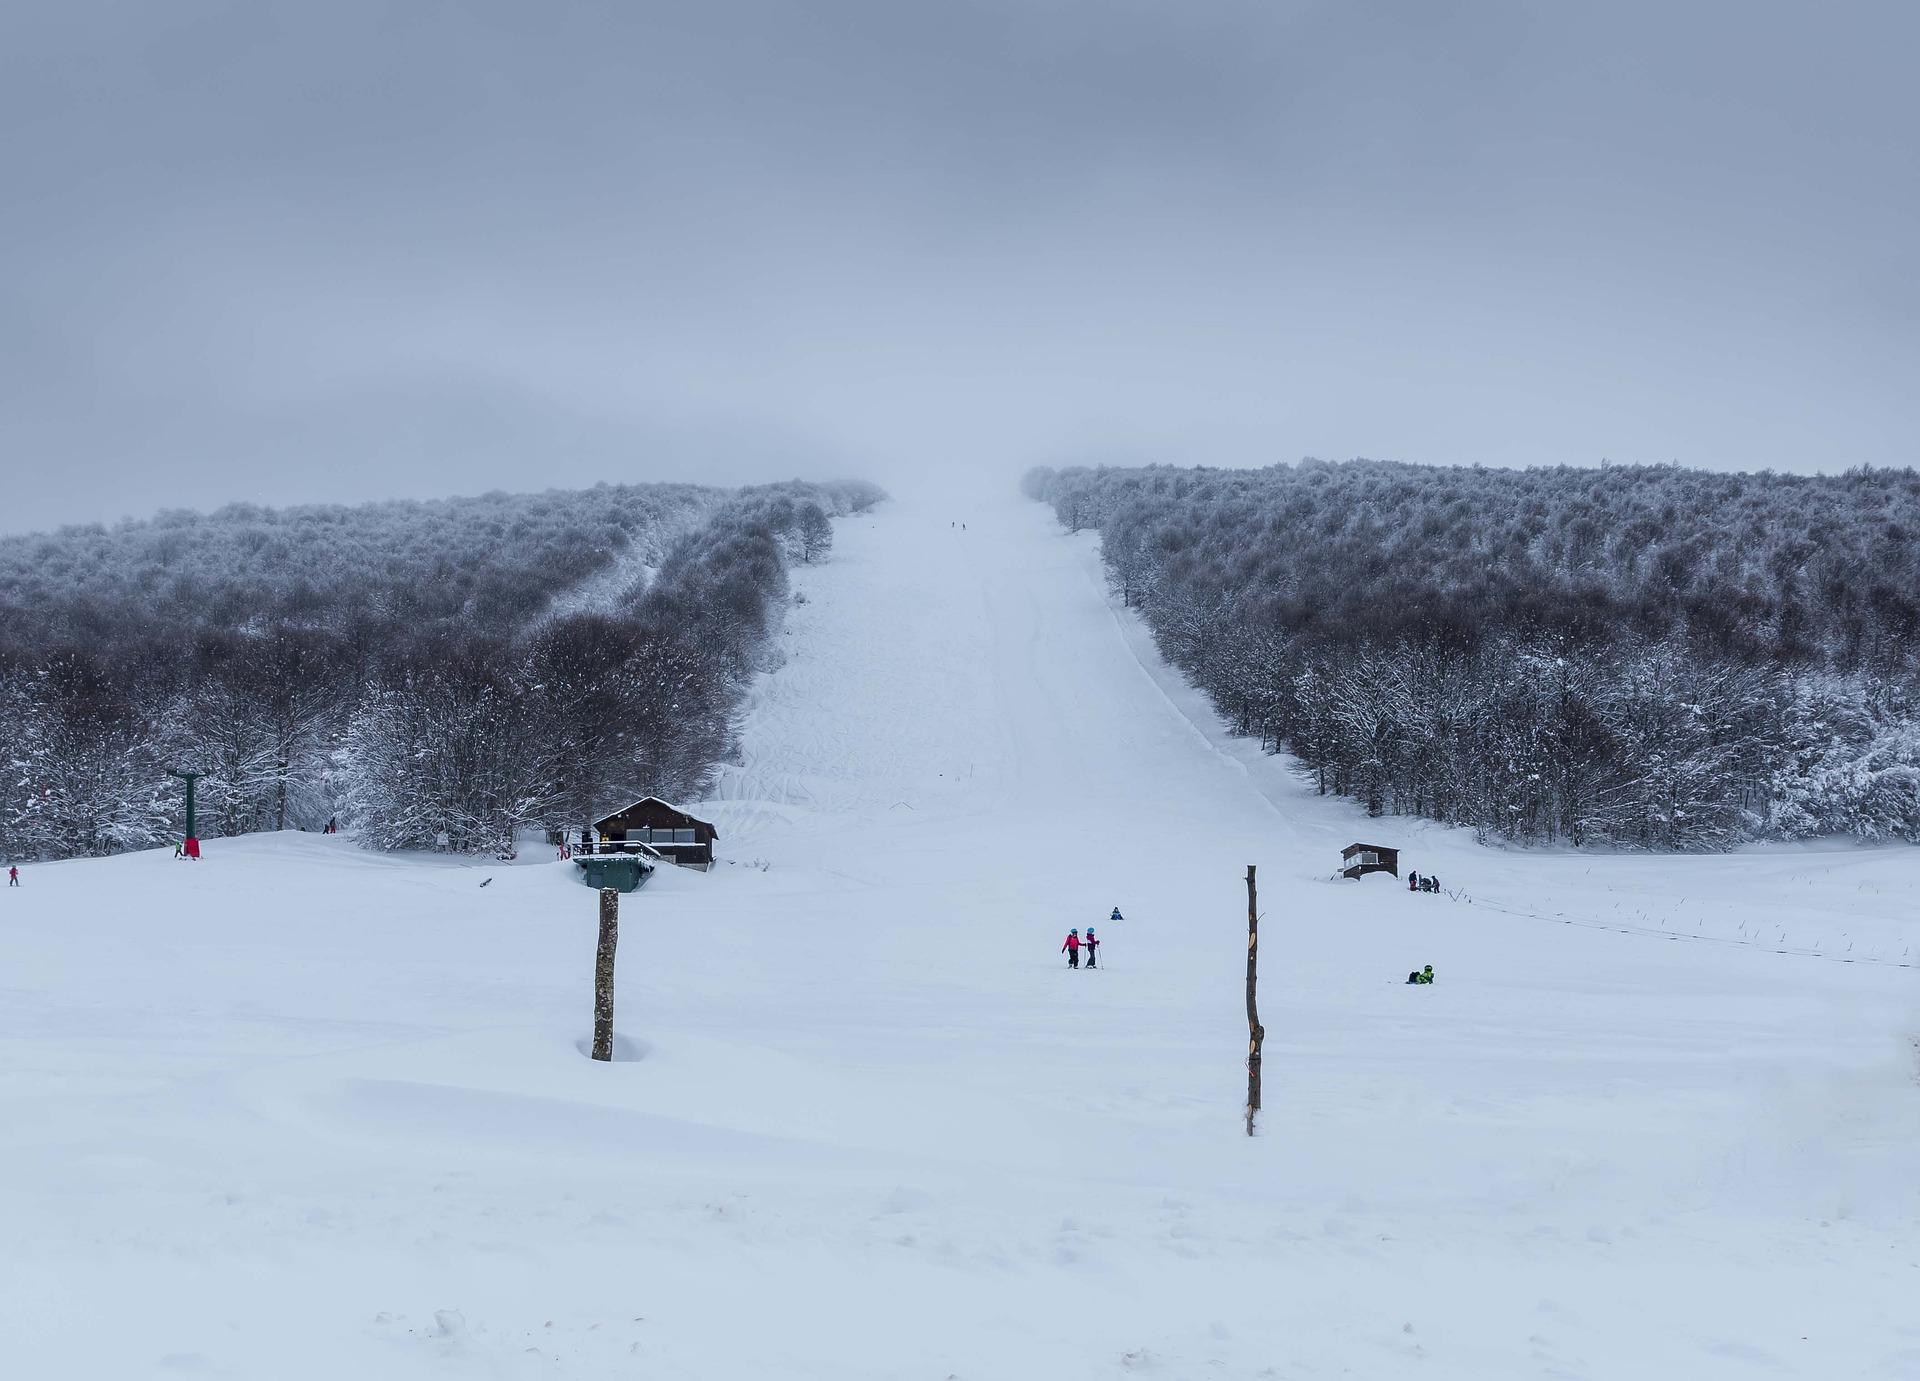 Χιονοδρομικό Βιτσίου © ioannis ioannidis